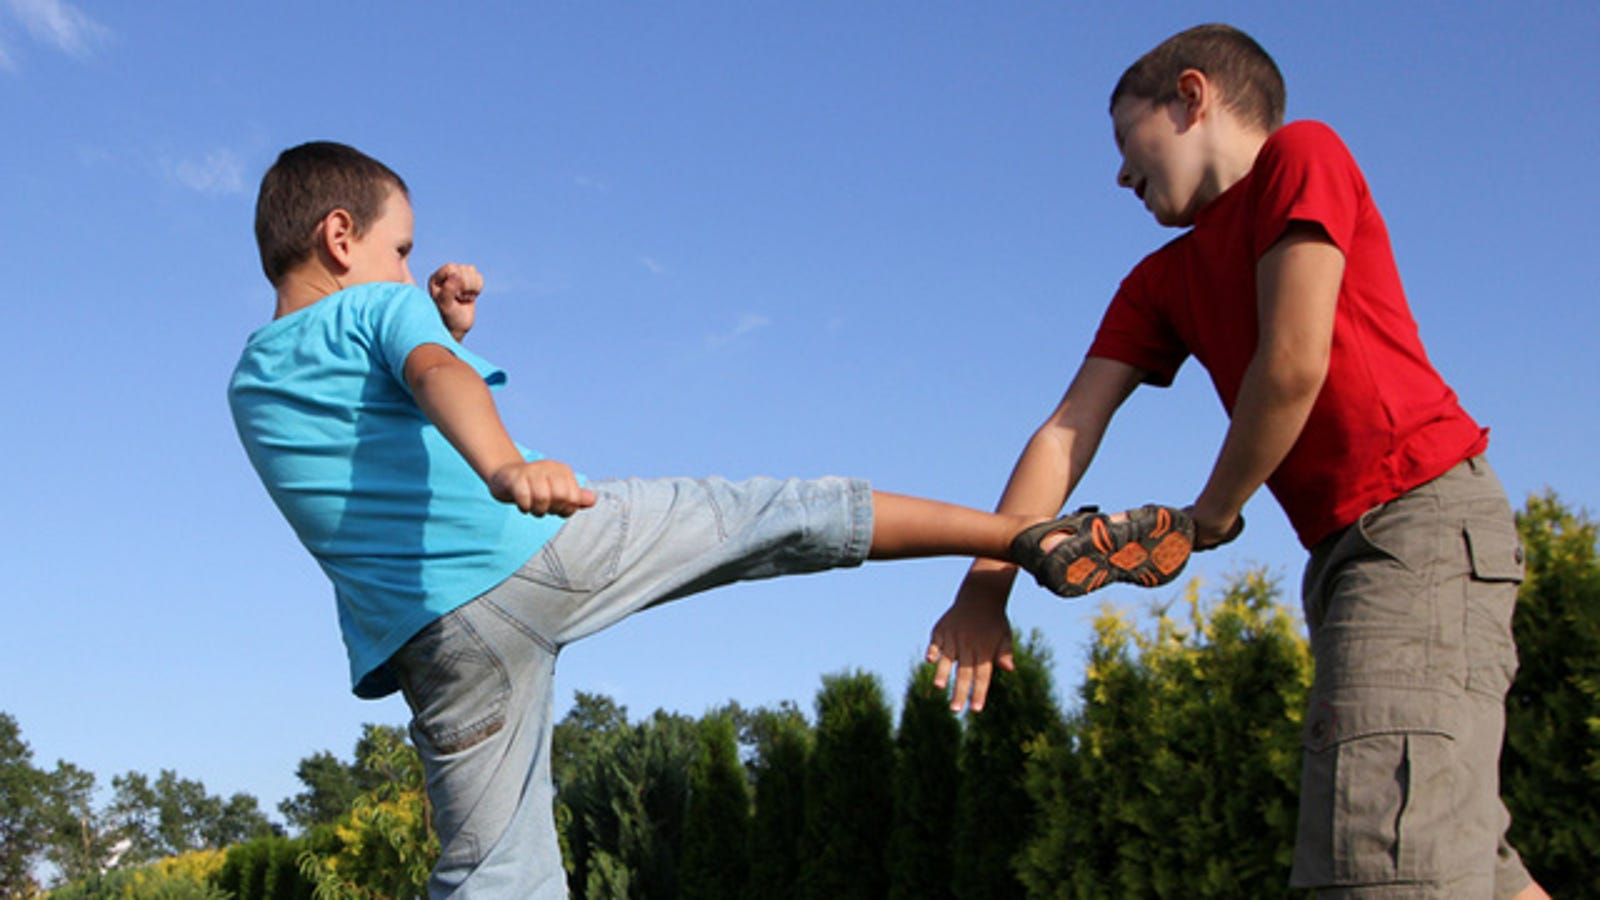 Girl kicking boy in balls